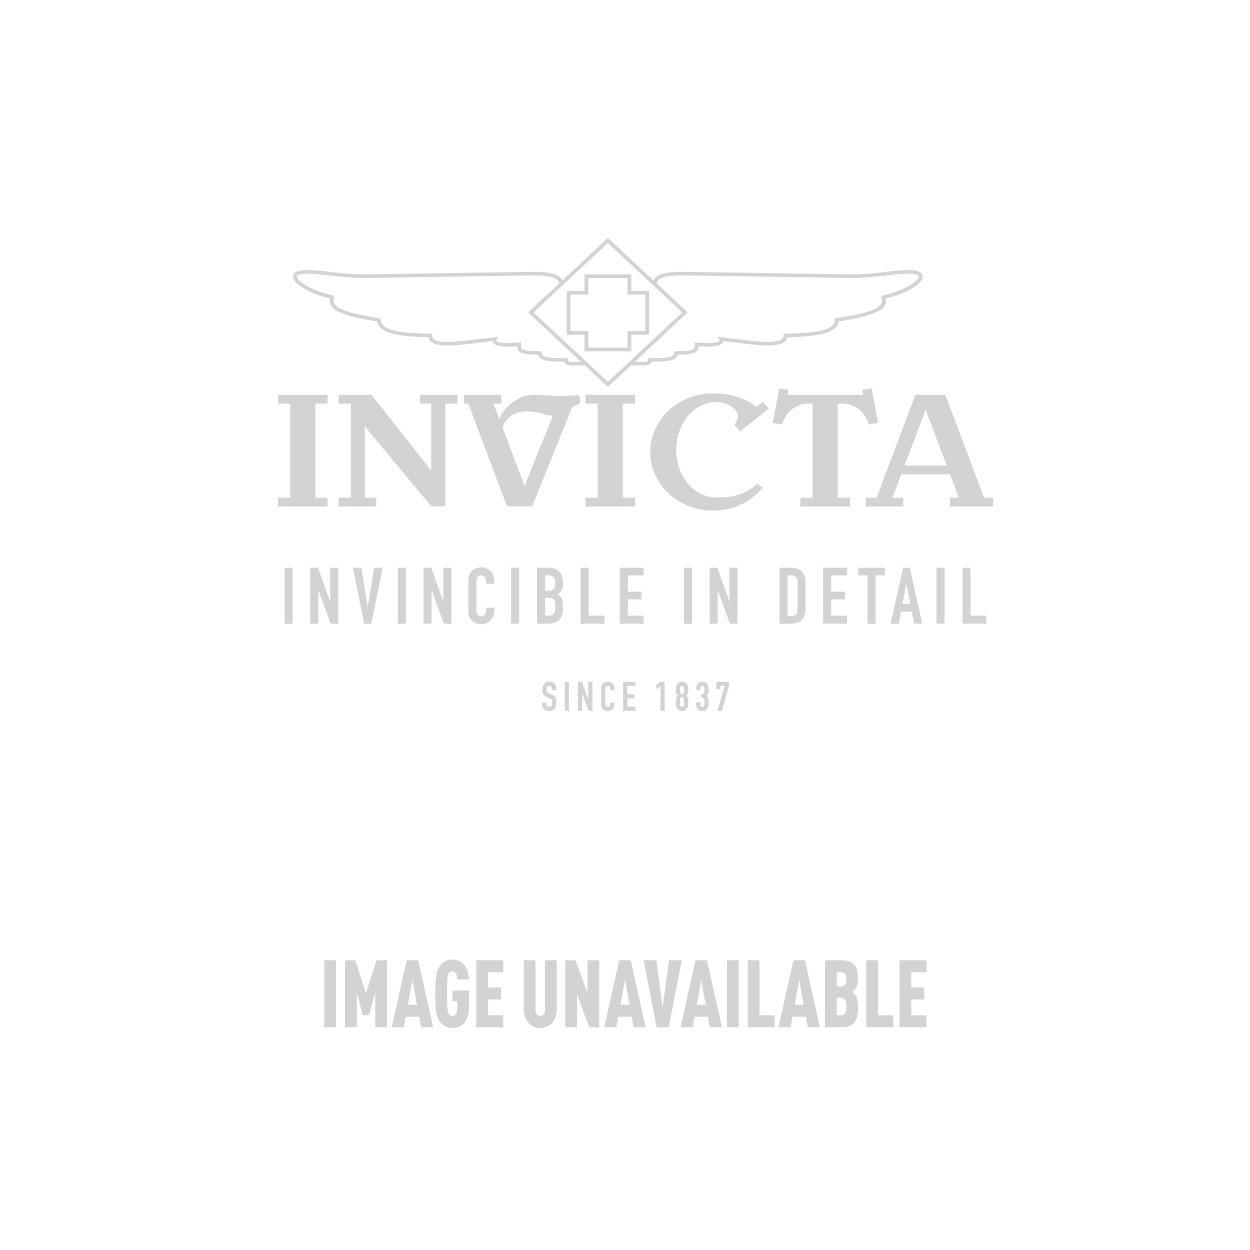 Invicta Model 25863